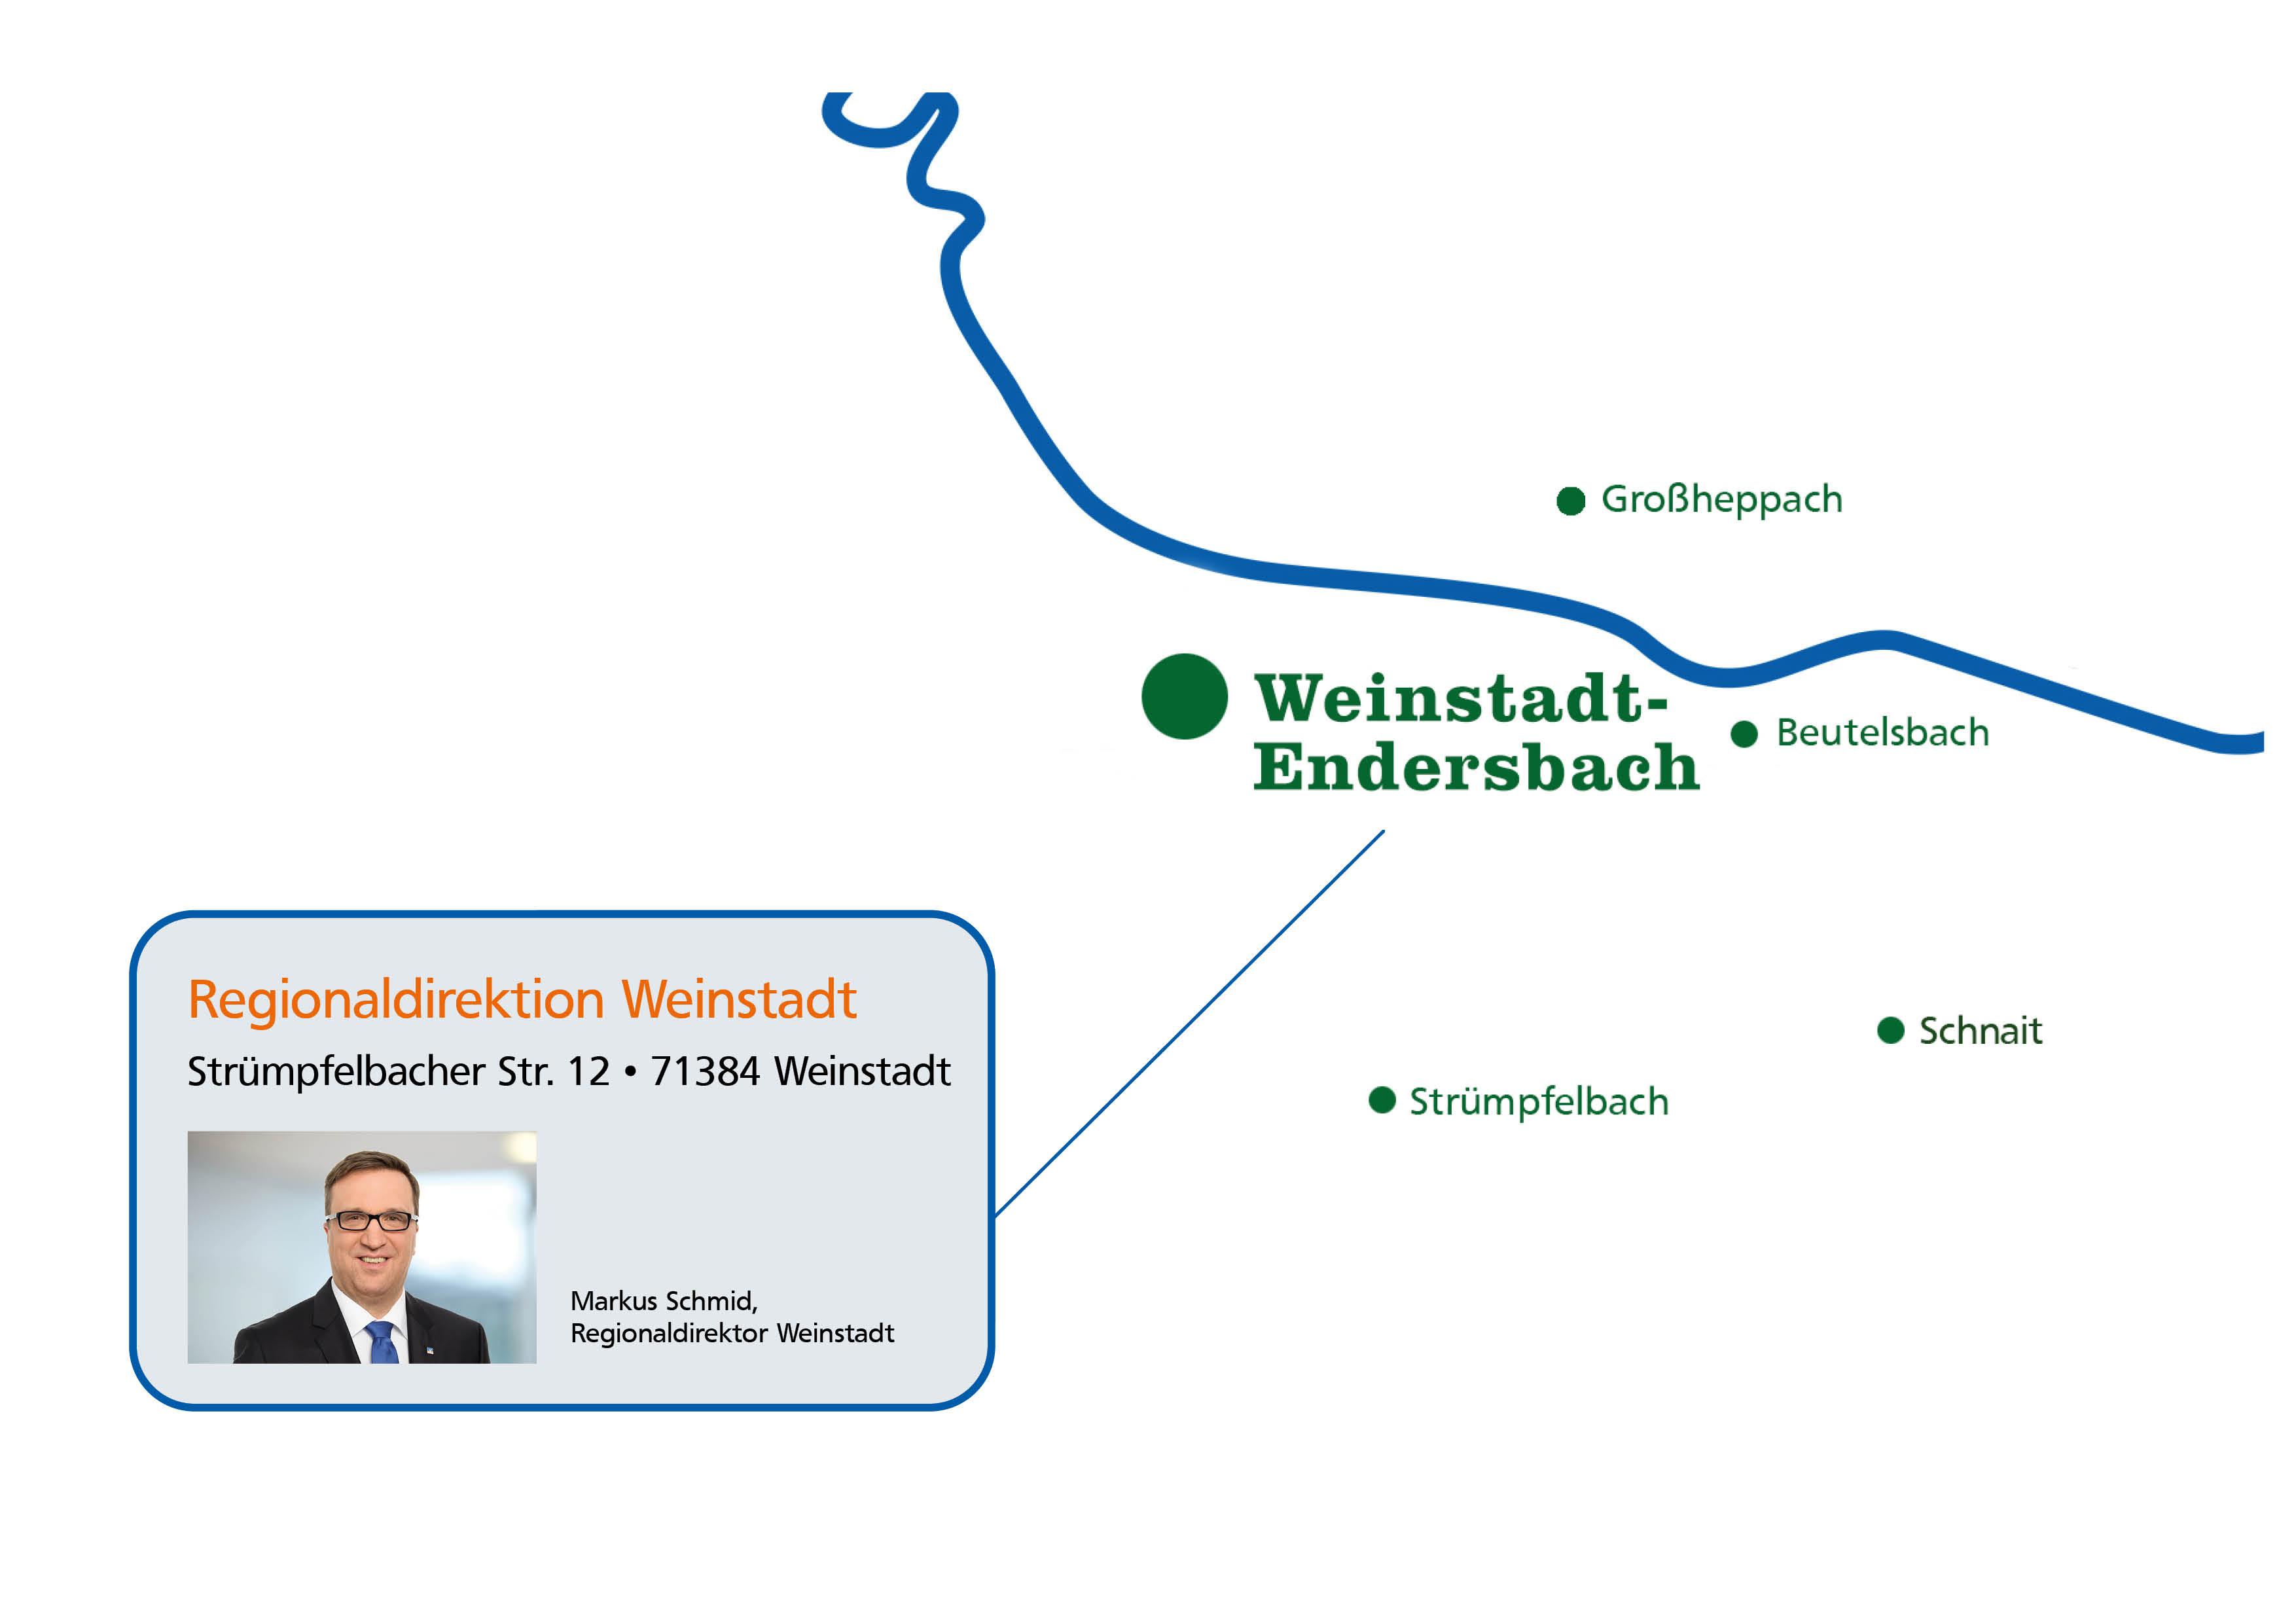 Regionaldirektion Weinstadt